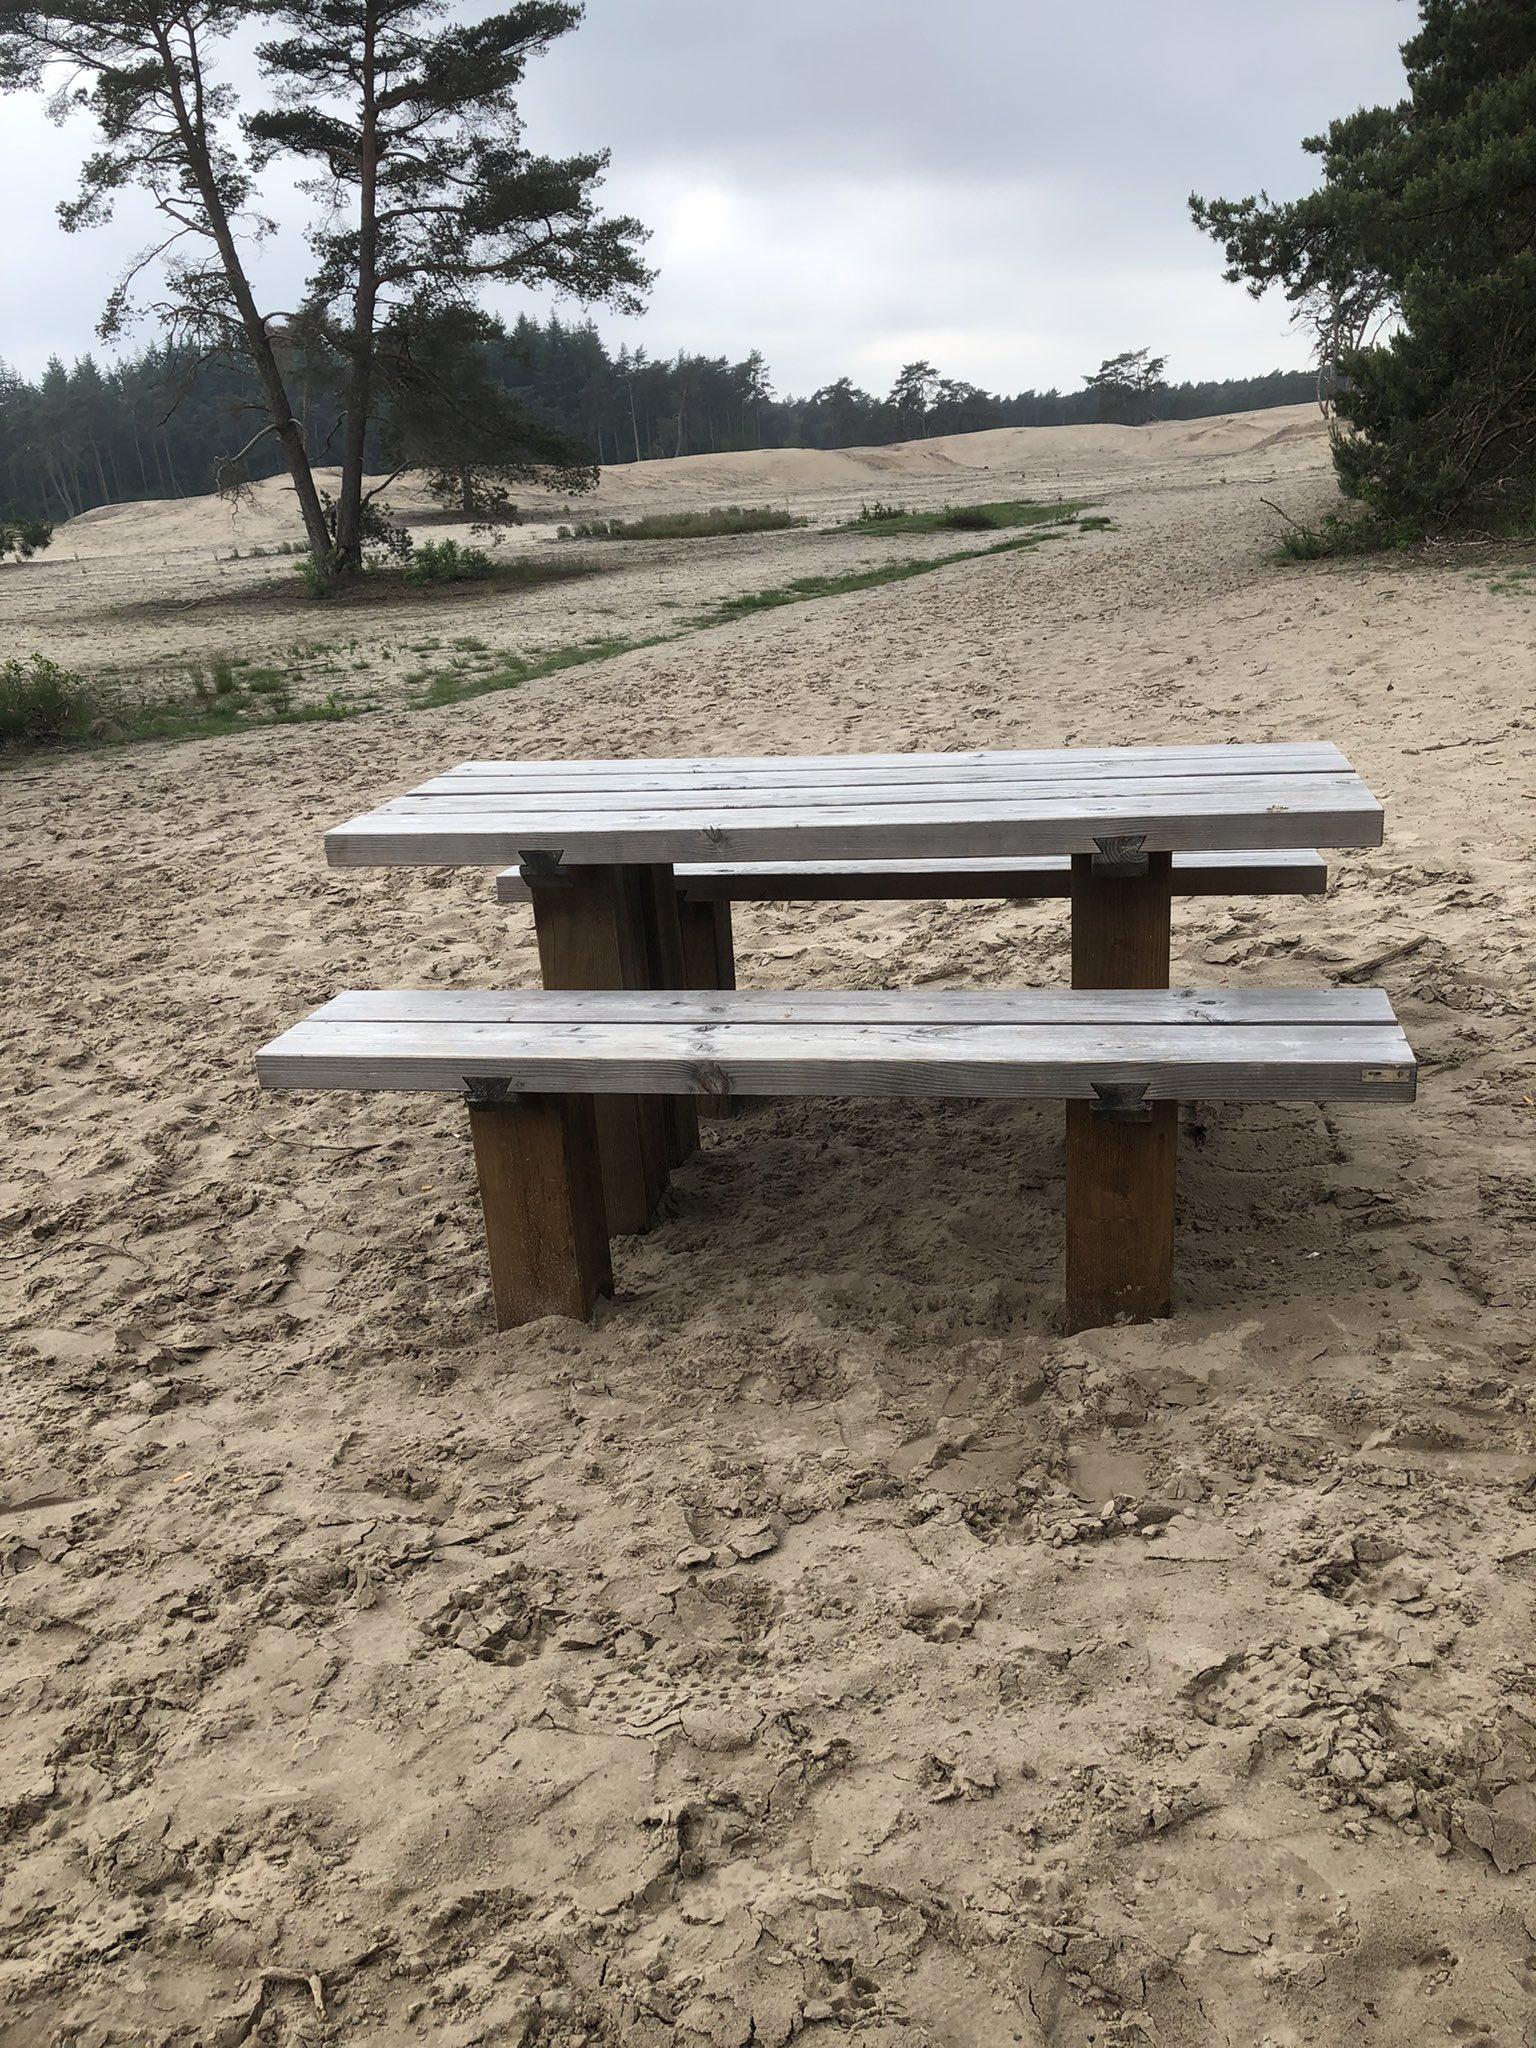 rt-gerritjhkuiper-ook-in-de-sahara-in-eerde-wandelbankjes-met-prachtig-uitzicht-op-deze-zandverstuiving-vechtdalmrkting-https-t-co